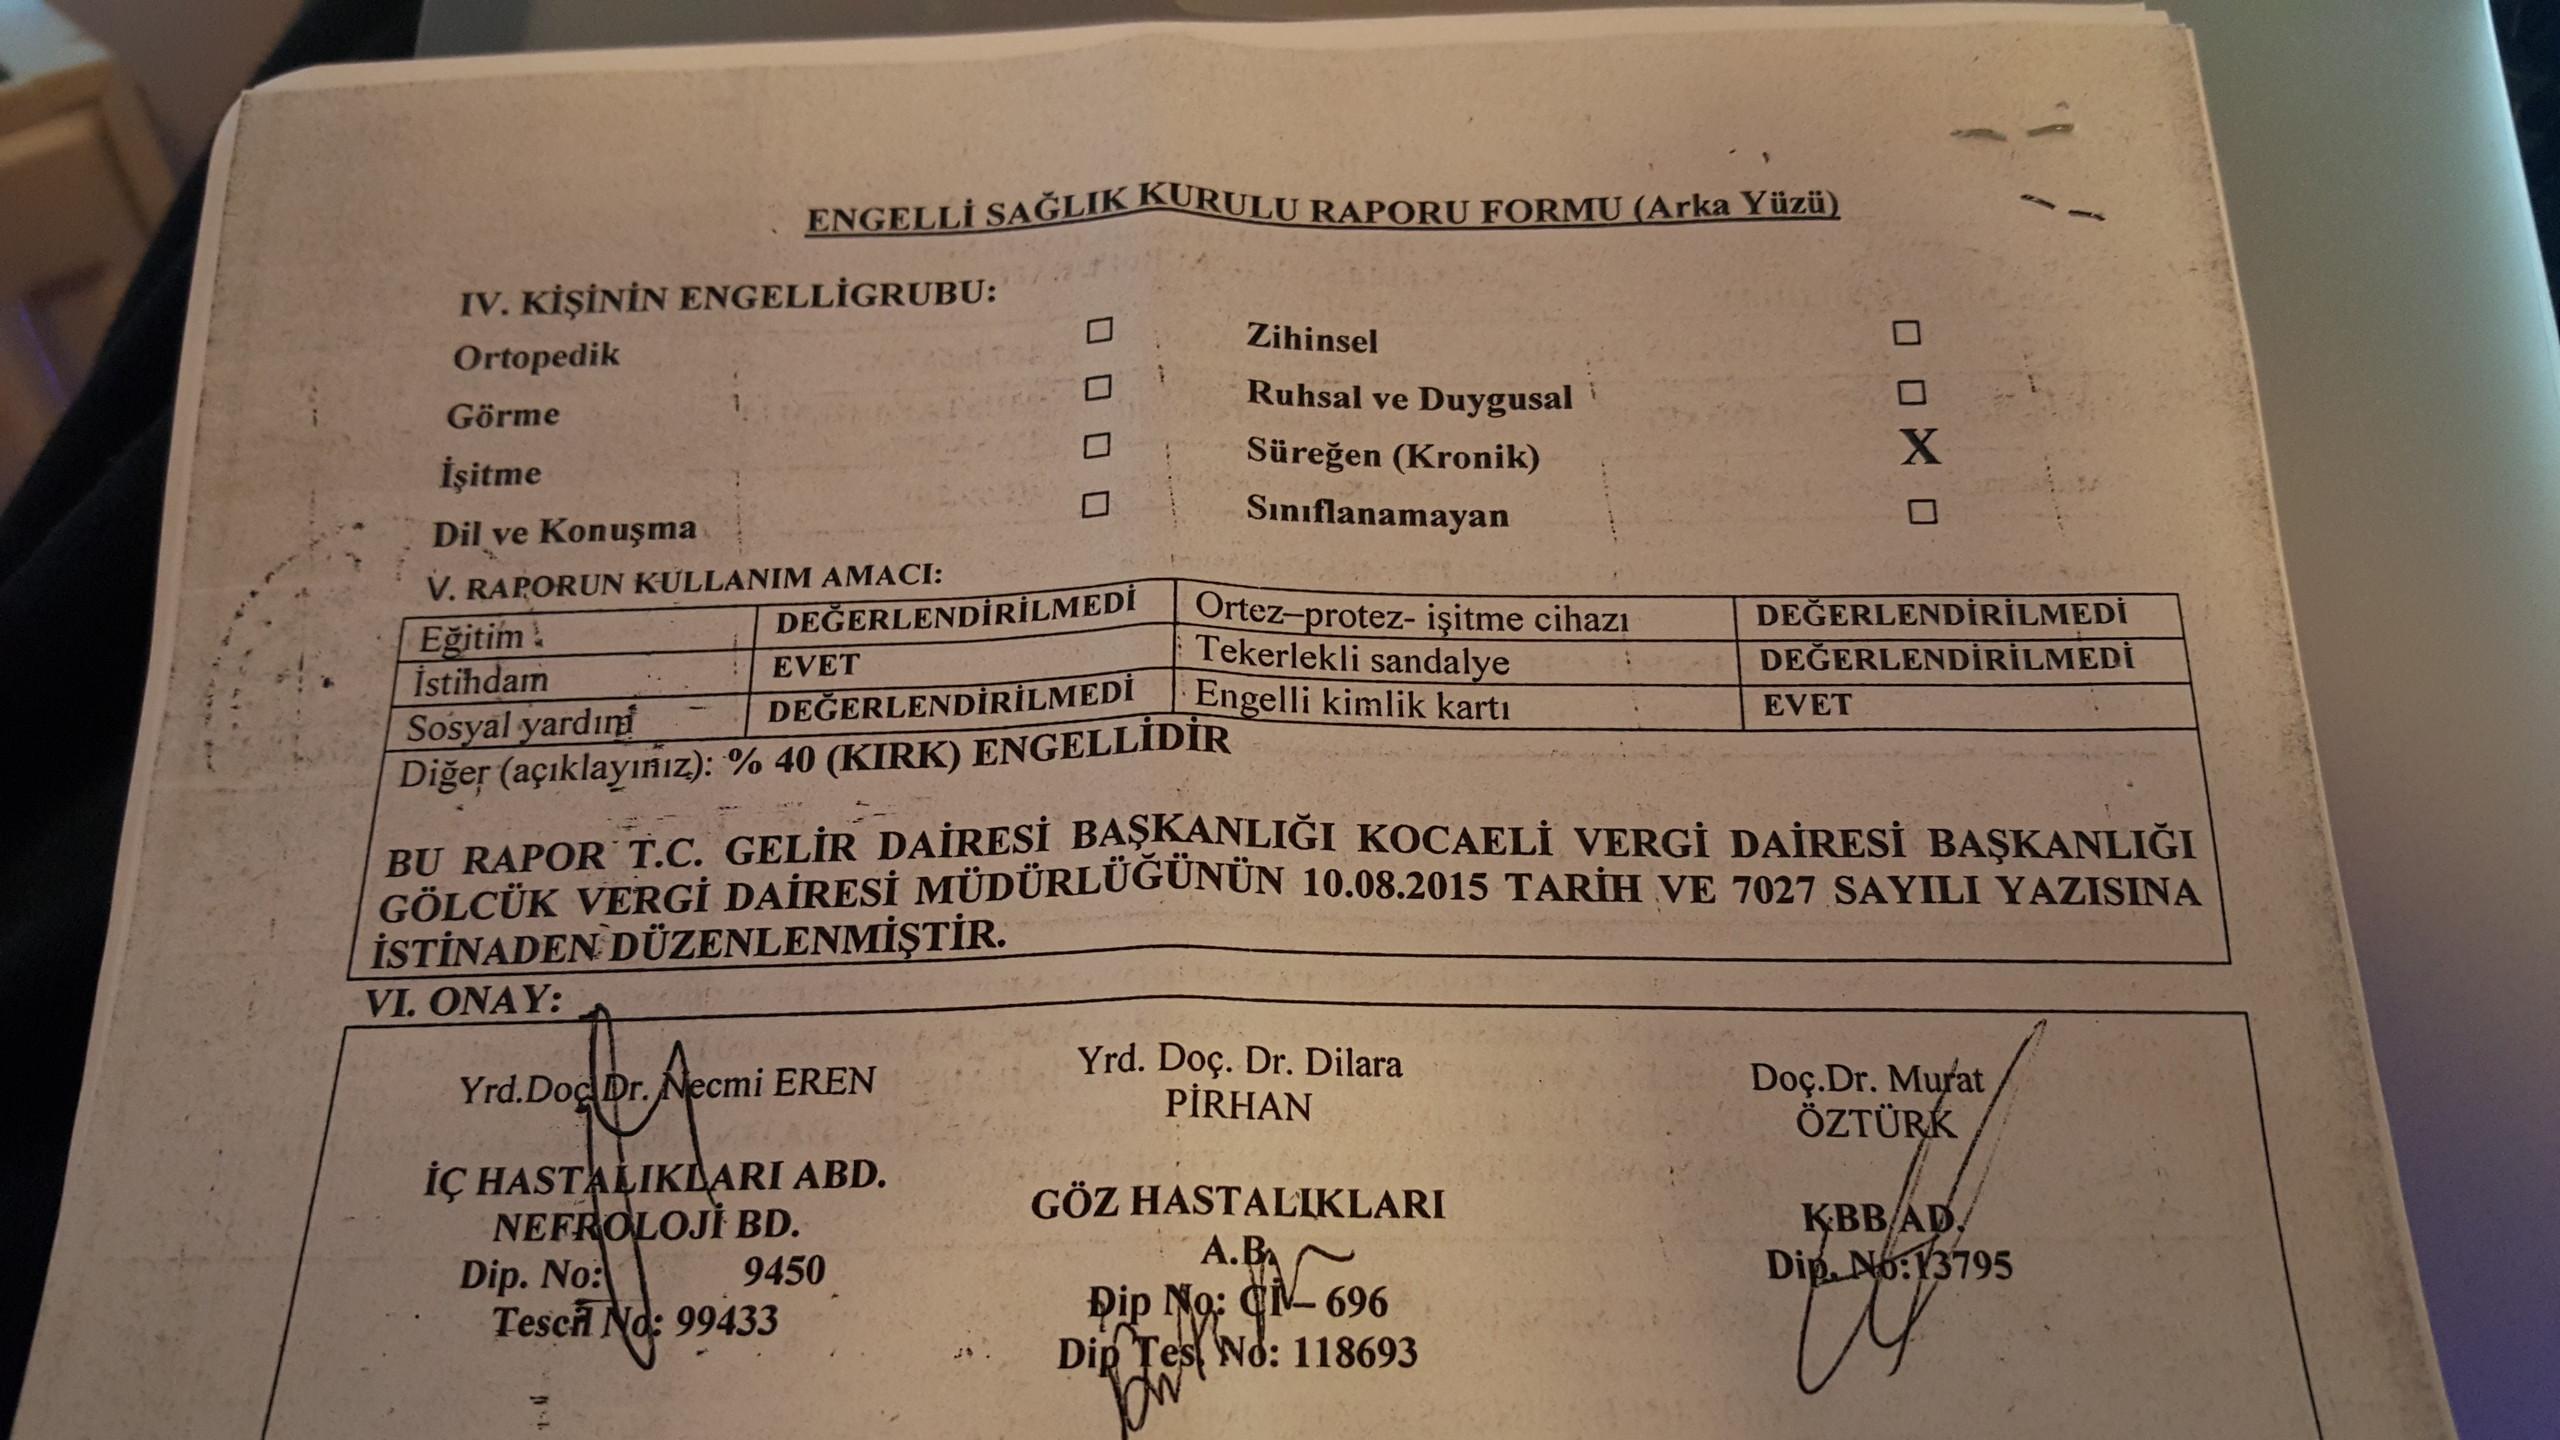 nmyzbl - Ankara Maliye'de  raporum  düşürüldü! Ne  yapabilirim?